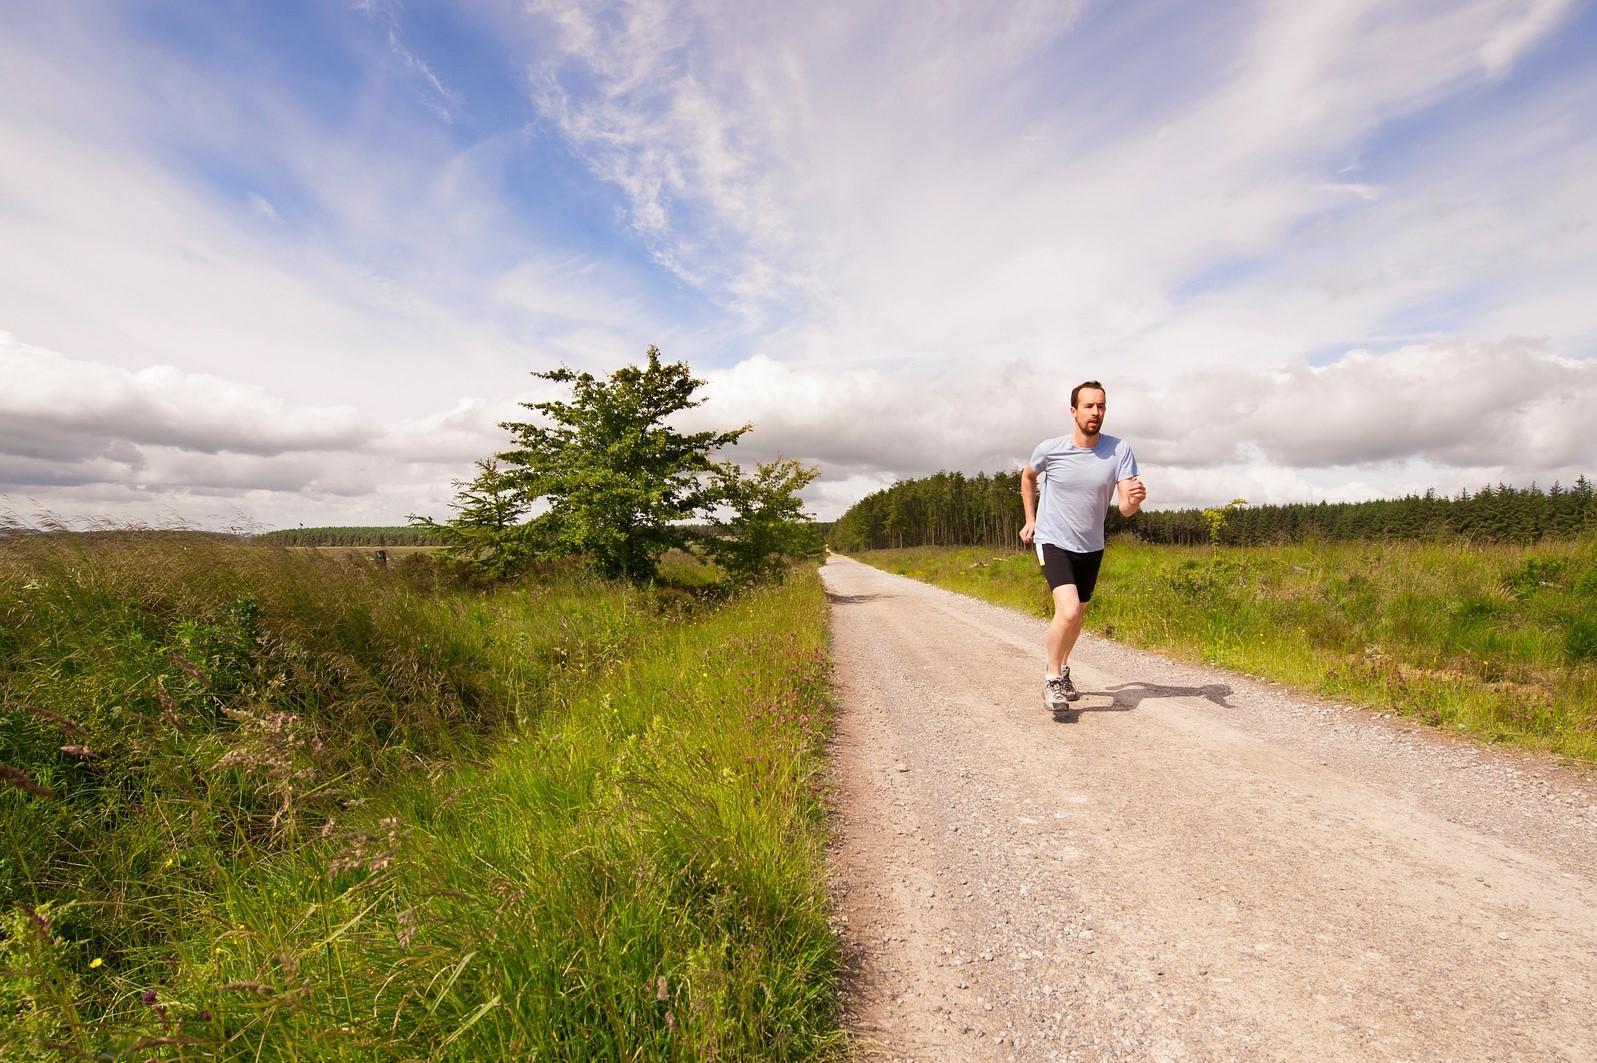 Gerade jetzt ist es wichtig, in Bewegung zu bleiben ist. Draußen zu laufen zum Beispiel tut Körper und Seele gut (Foto: Pixabay)